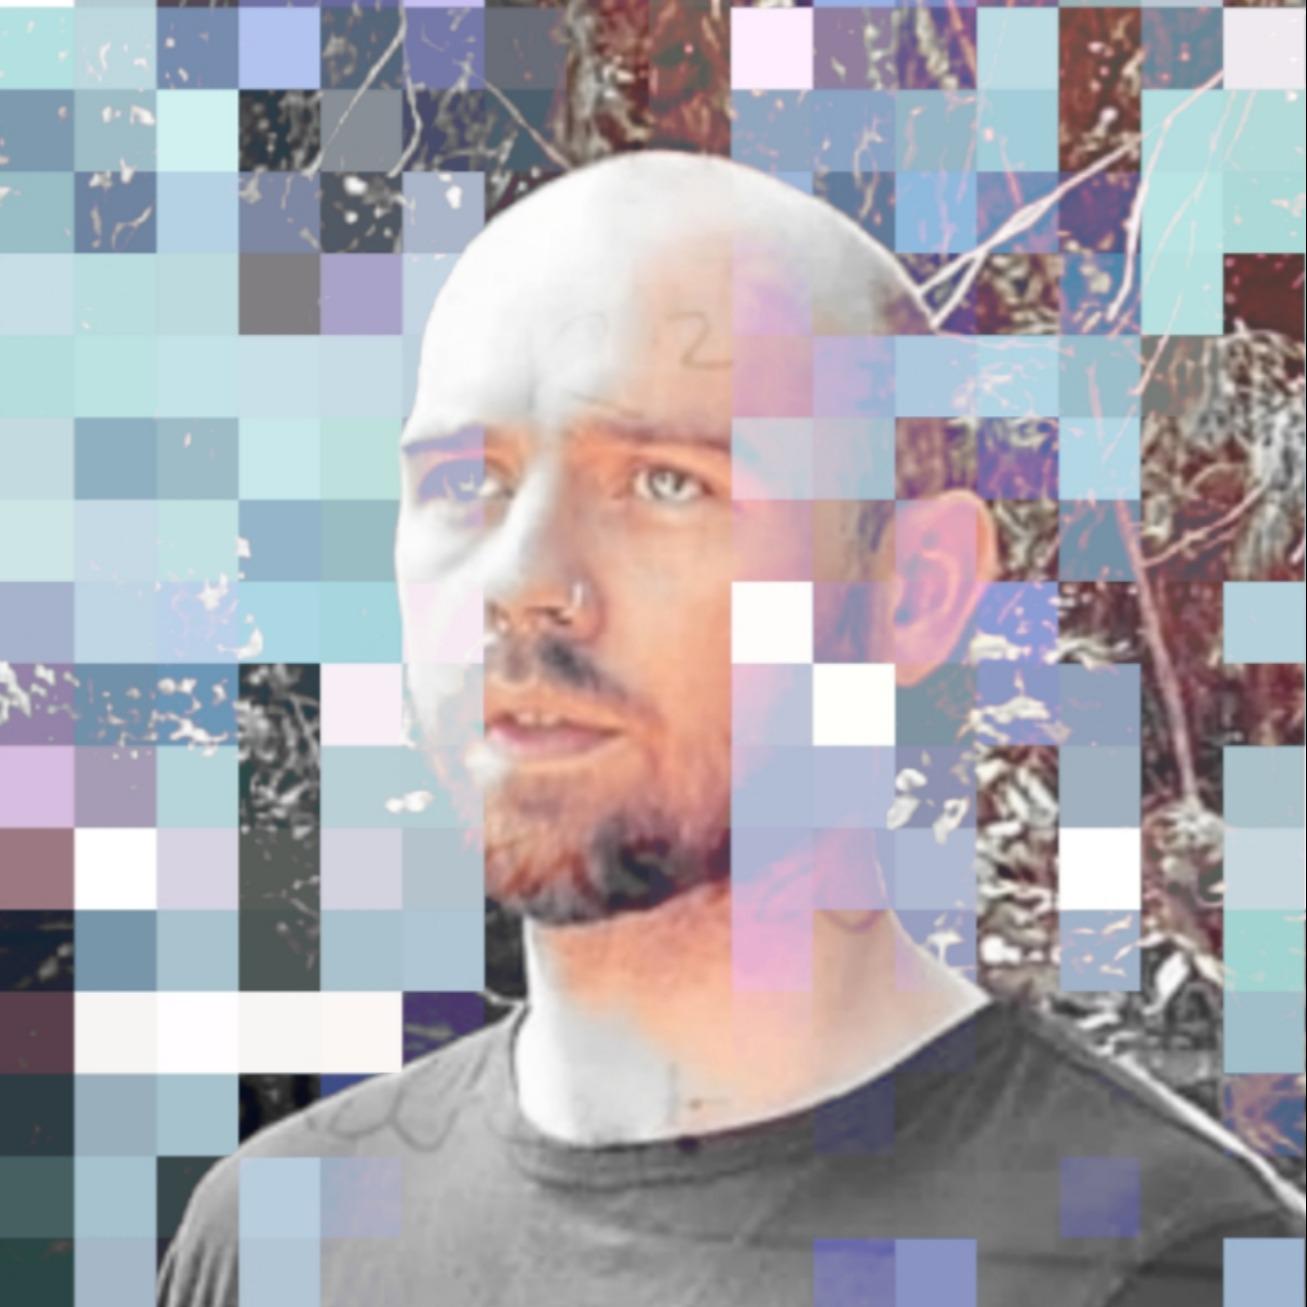 @davidjohnbradymusic Profile Image | Linktree